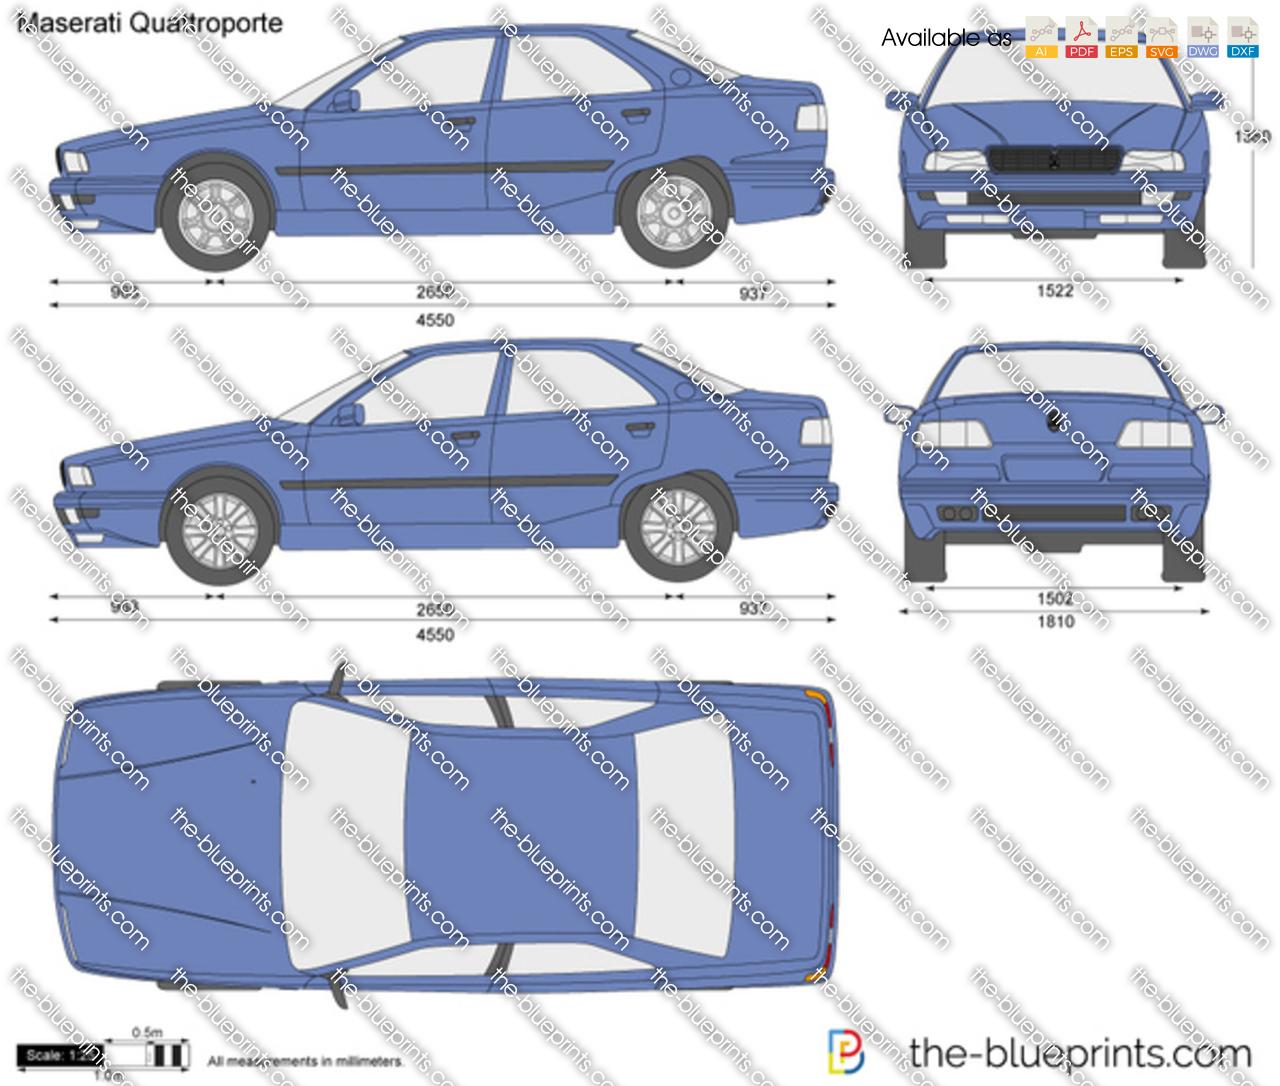 Maserati Quattroporte 1994